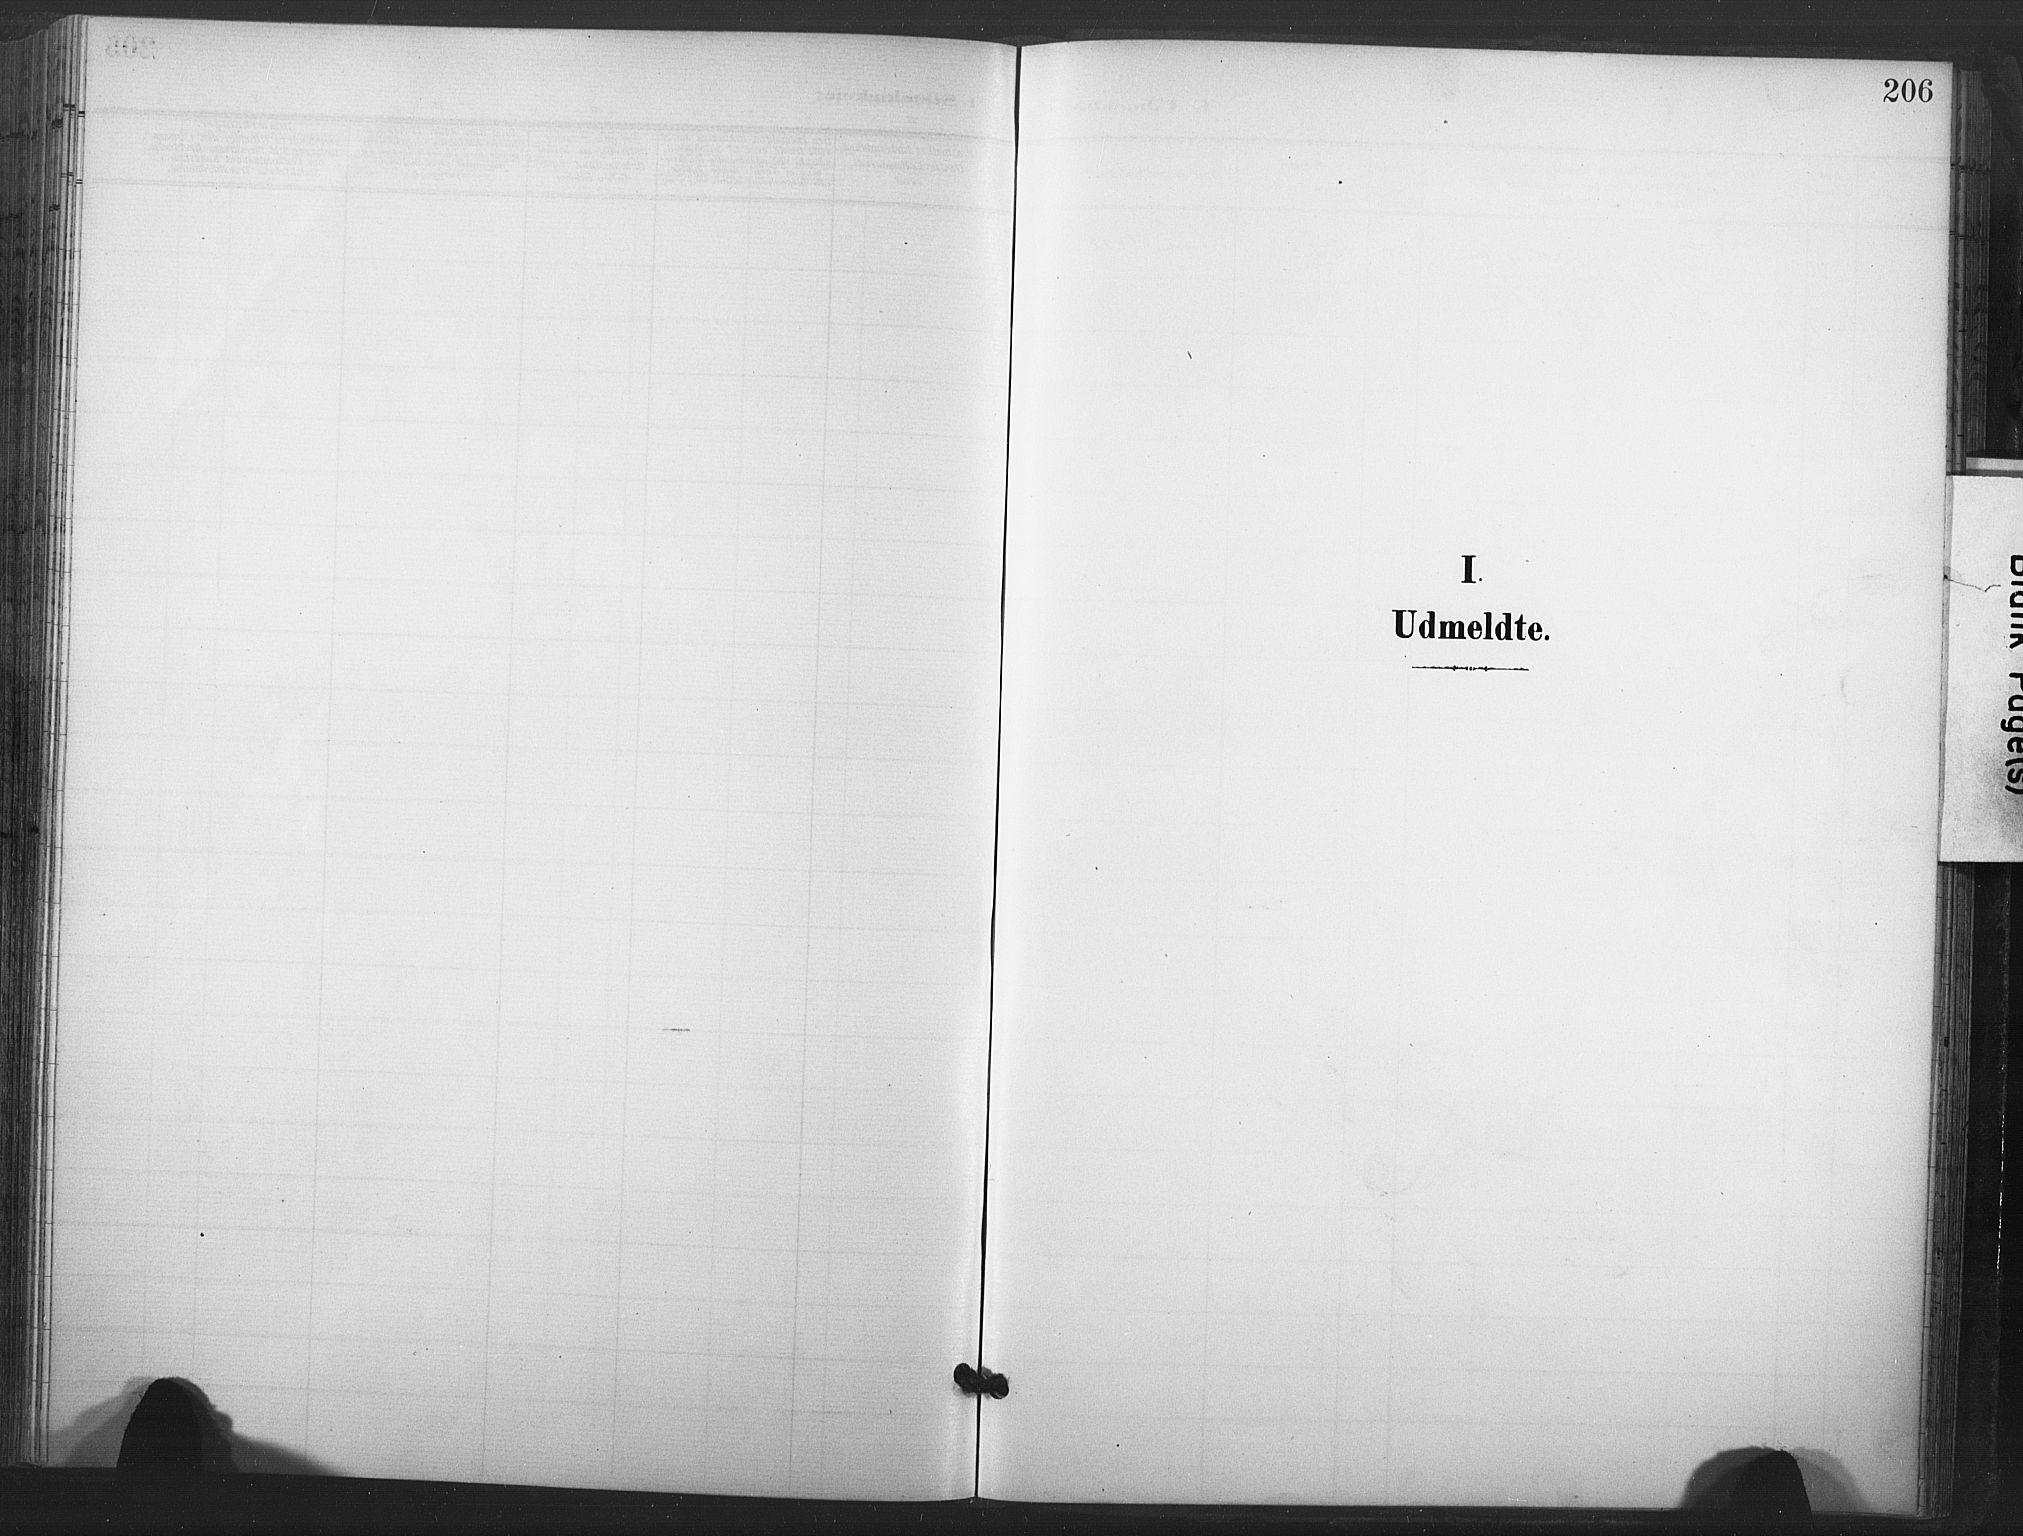 SAT, Ministerialprotokoller, klokkerbøker og fødselsregistre - Nord-Trøndelag, 713/L0122: Ministerialbok nr. 713A11, 1899-1910, s. 206